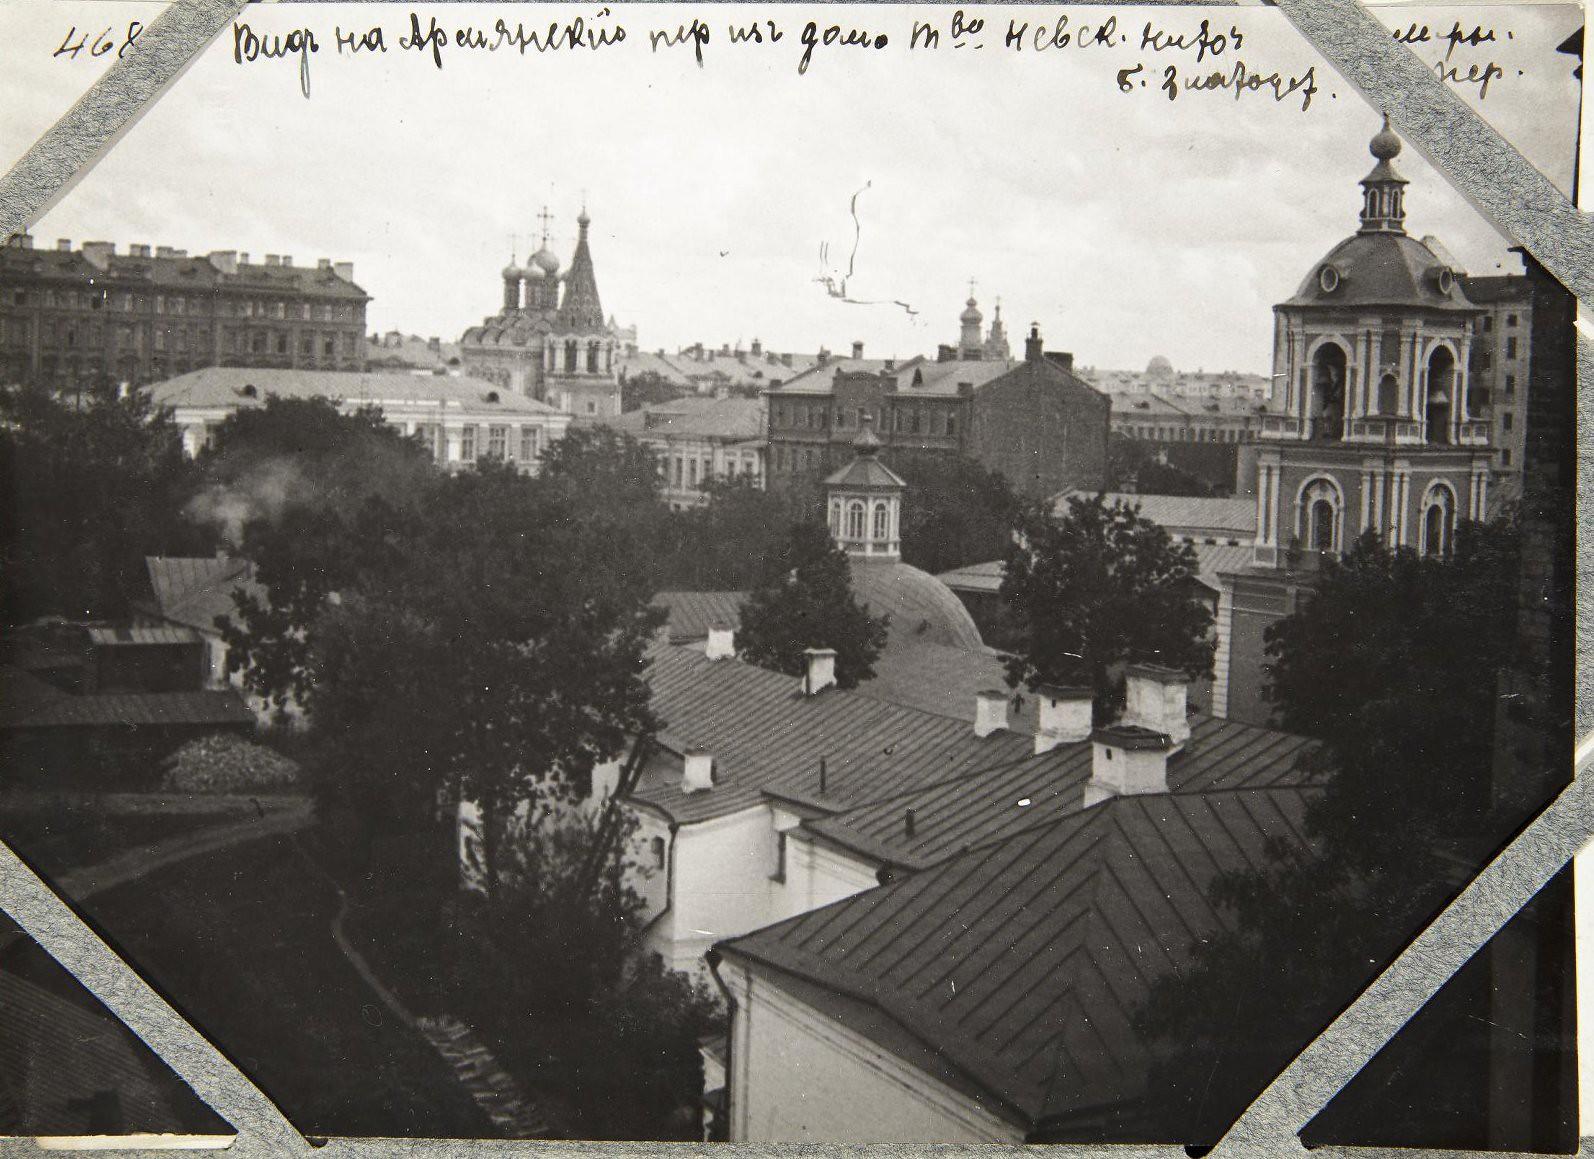 Большой Златоустовский переулок. Вид на Армянский переулок с церковью Св.Николая в Столпах от дома Т-ва Невской ниточной мануф